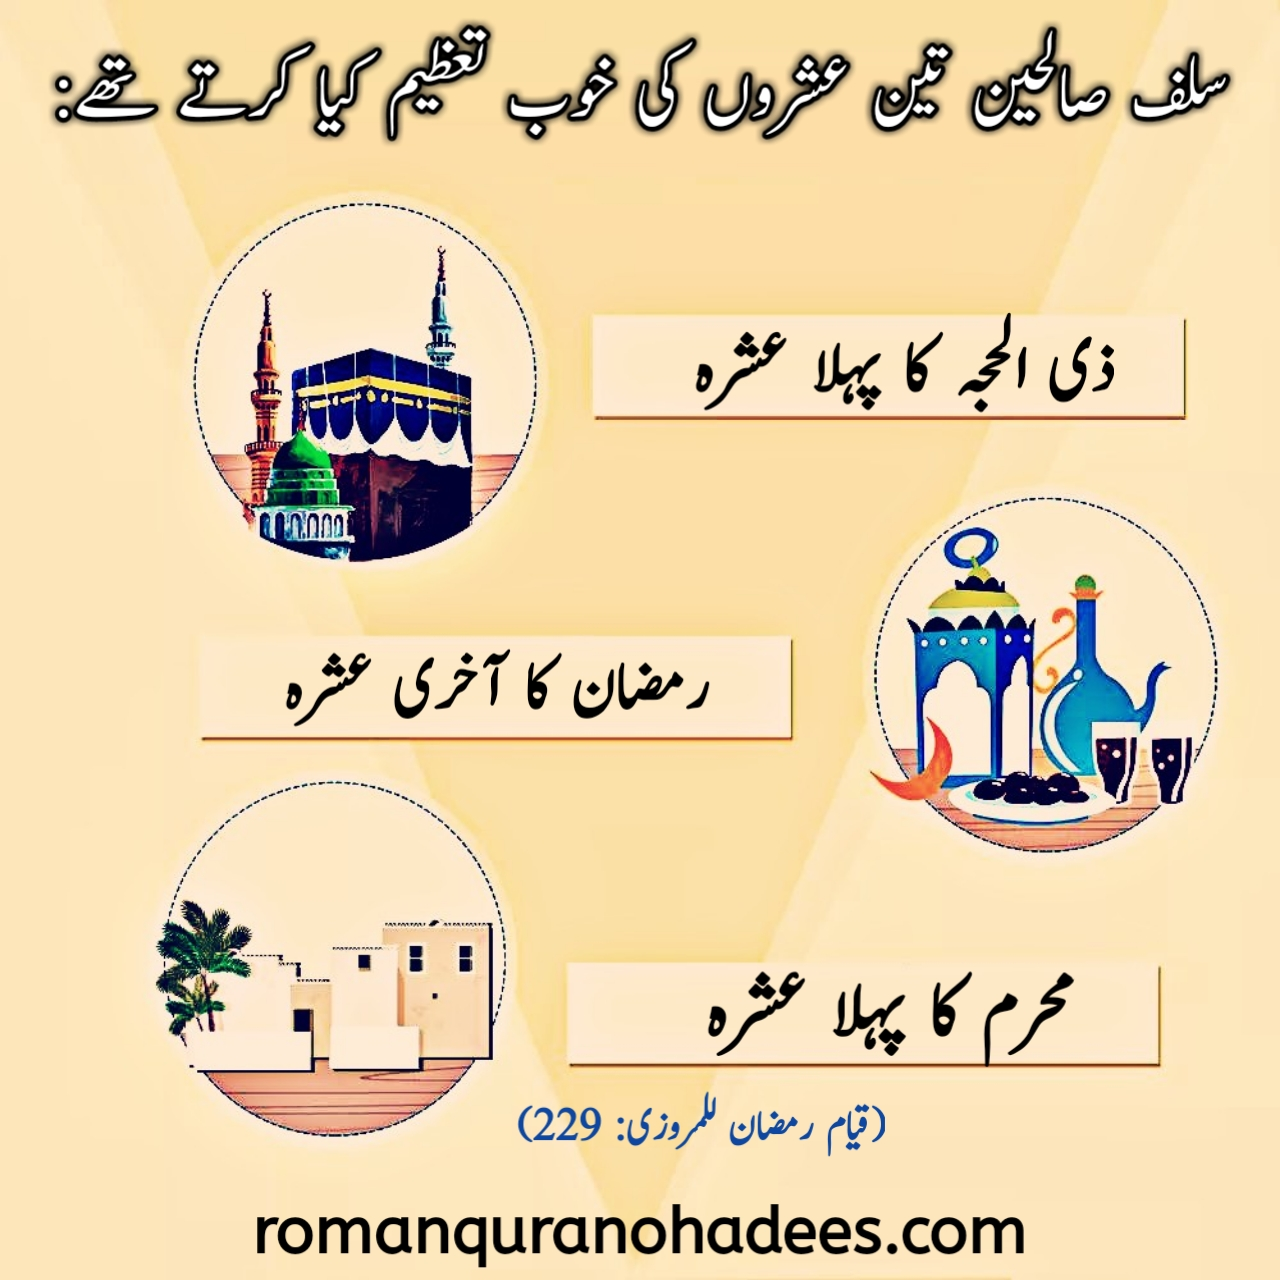 Salaf e Saliheen teen ashron ki khoob tazeem karte the (Ur).jpg